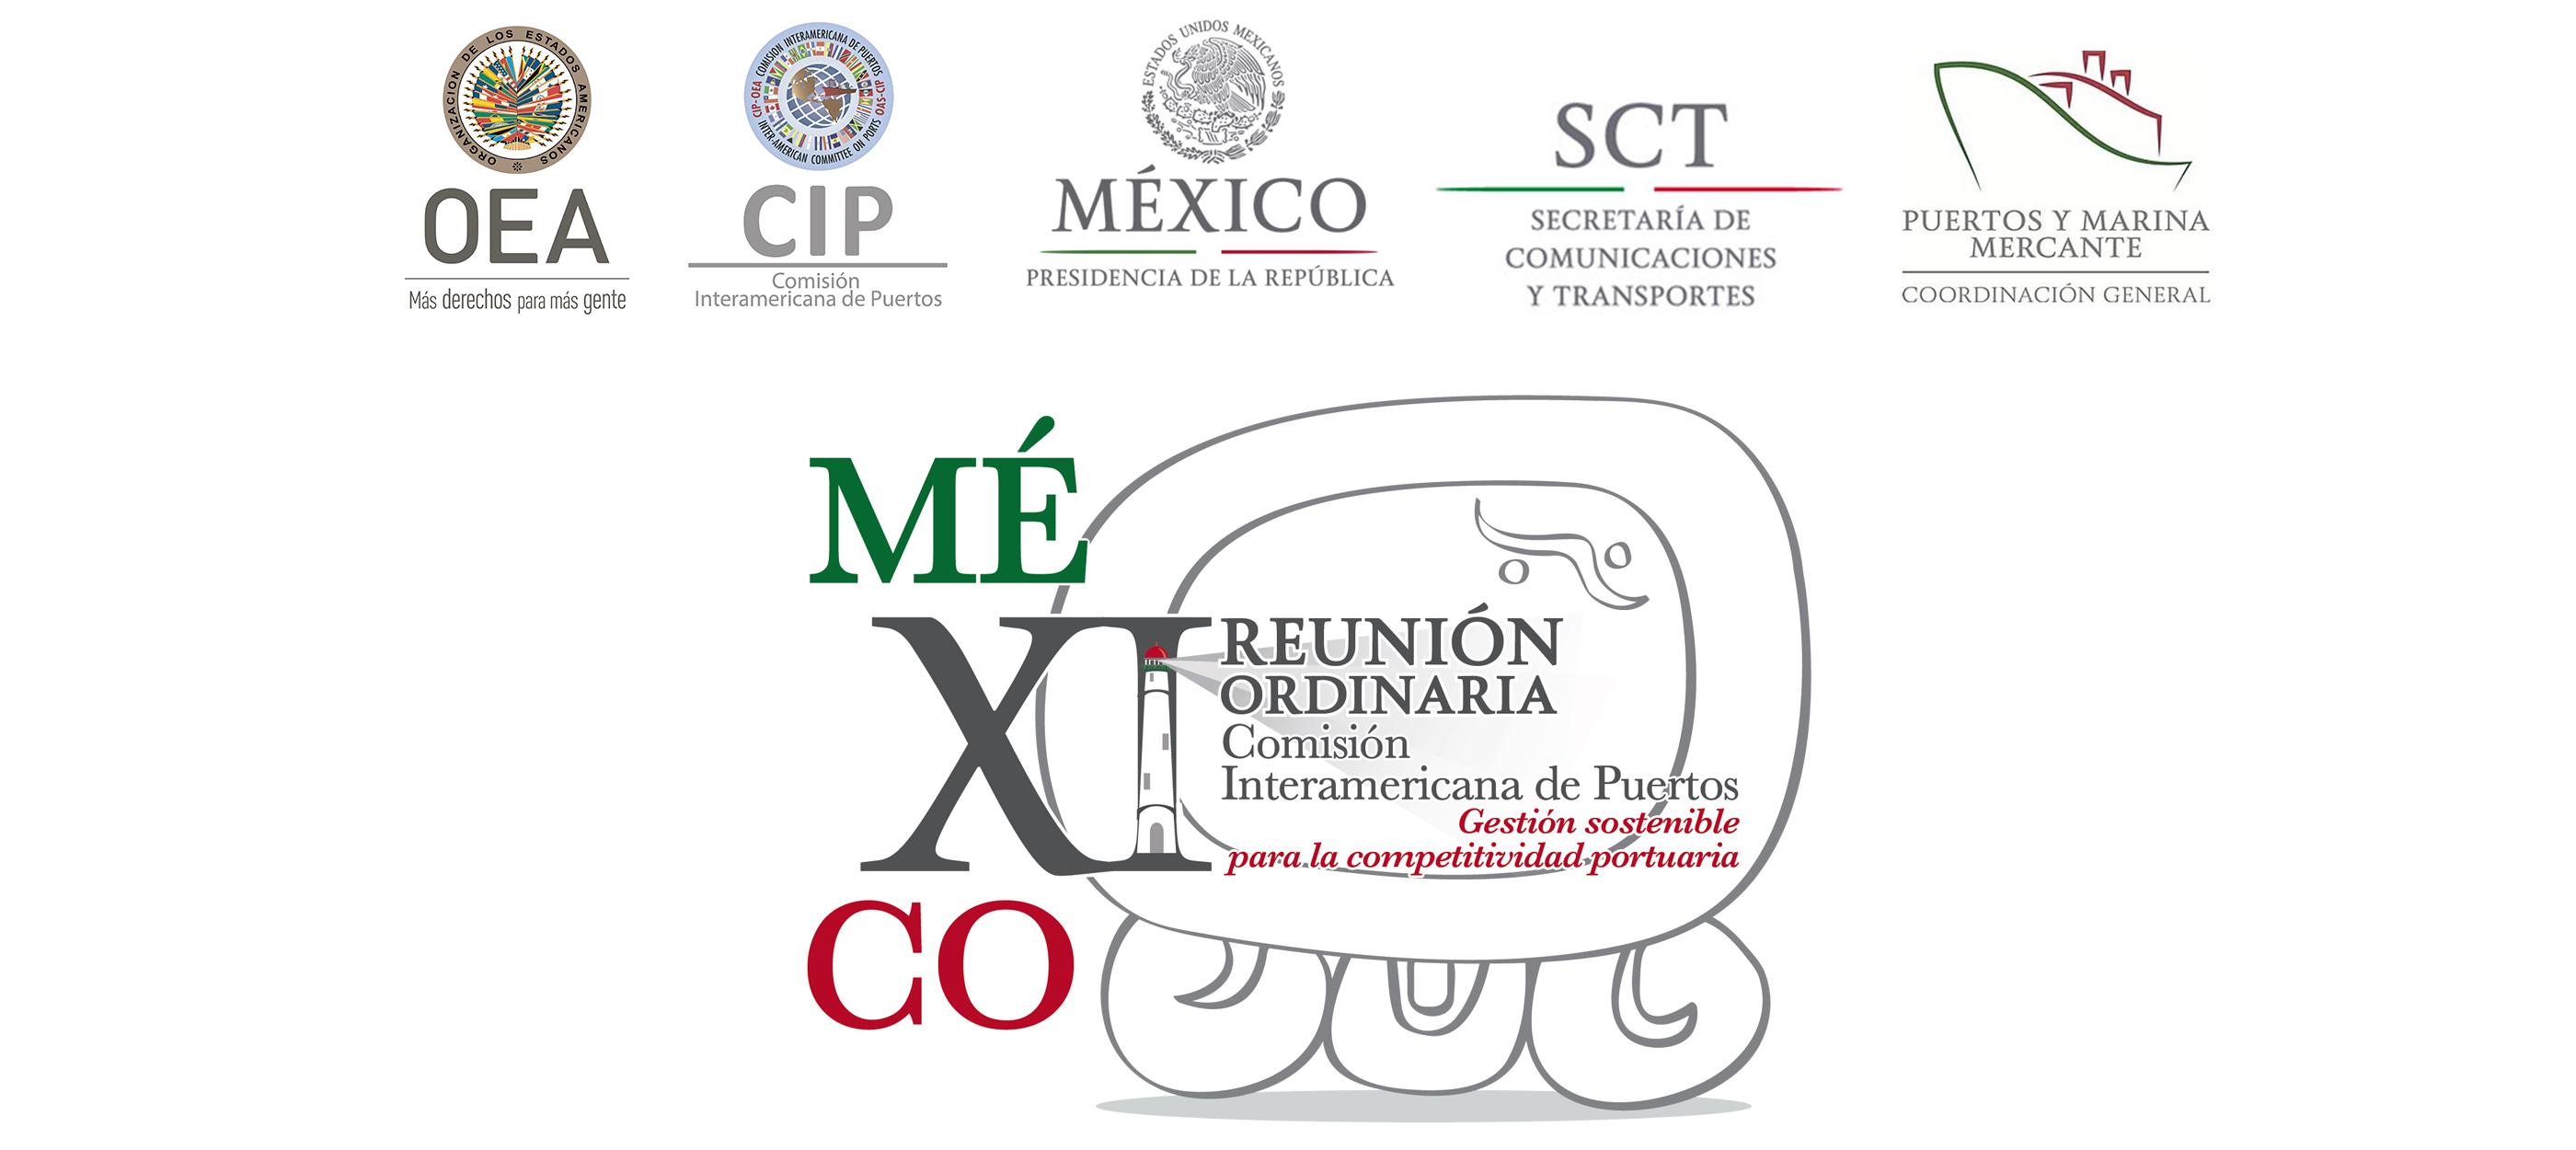 XI Reunión Ordinaria de la Comisión Interamericana de Puertos